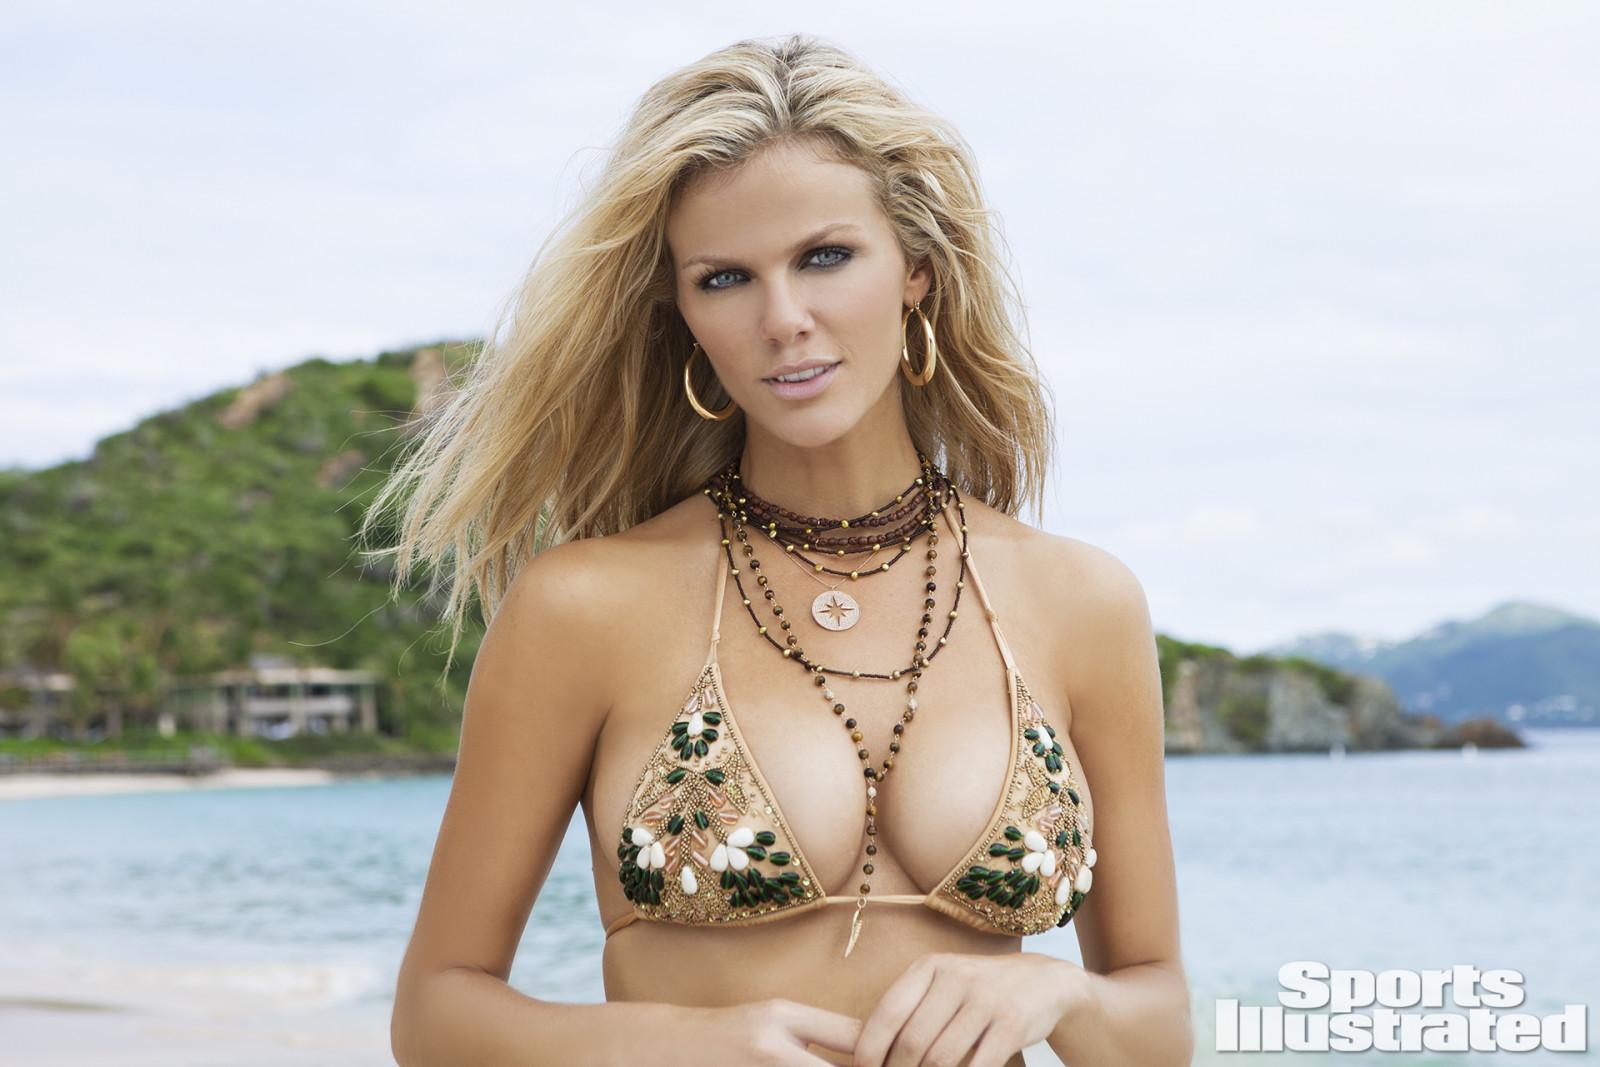 virgin-island-bikini-pictures